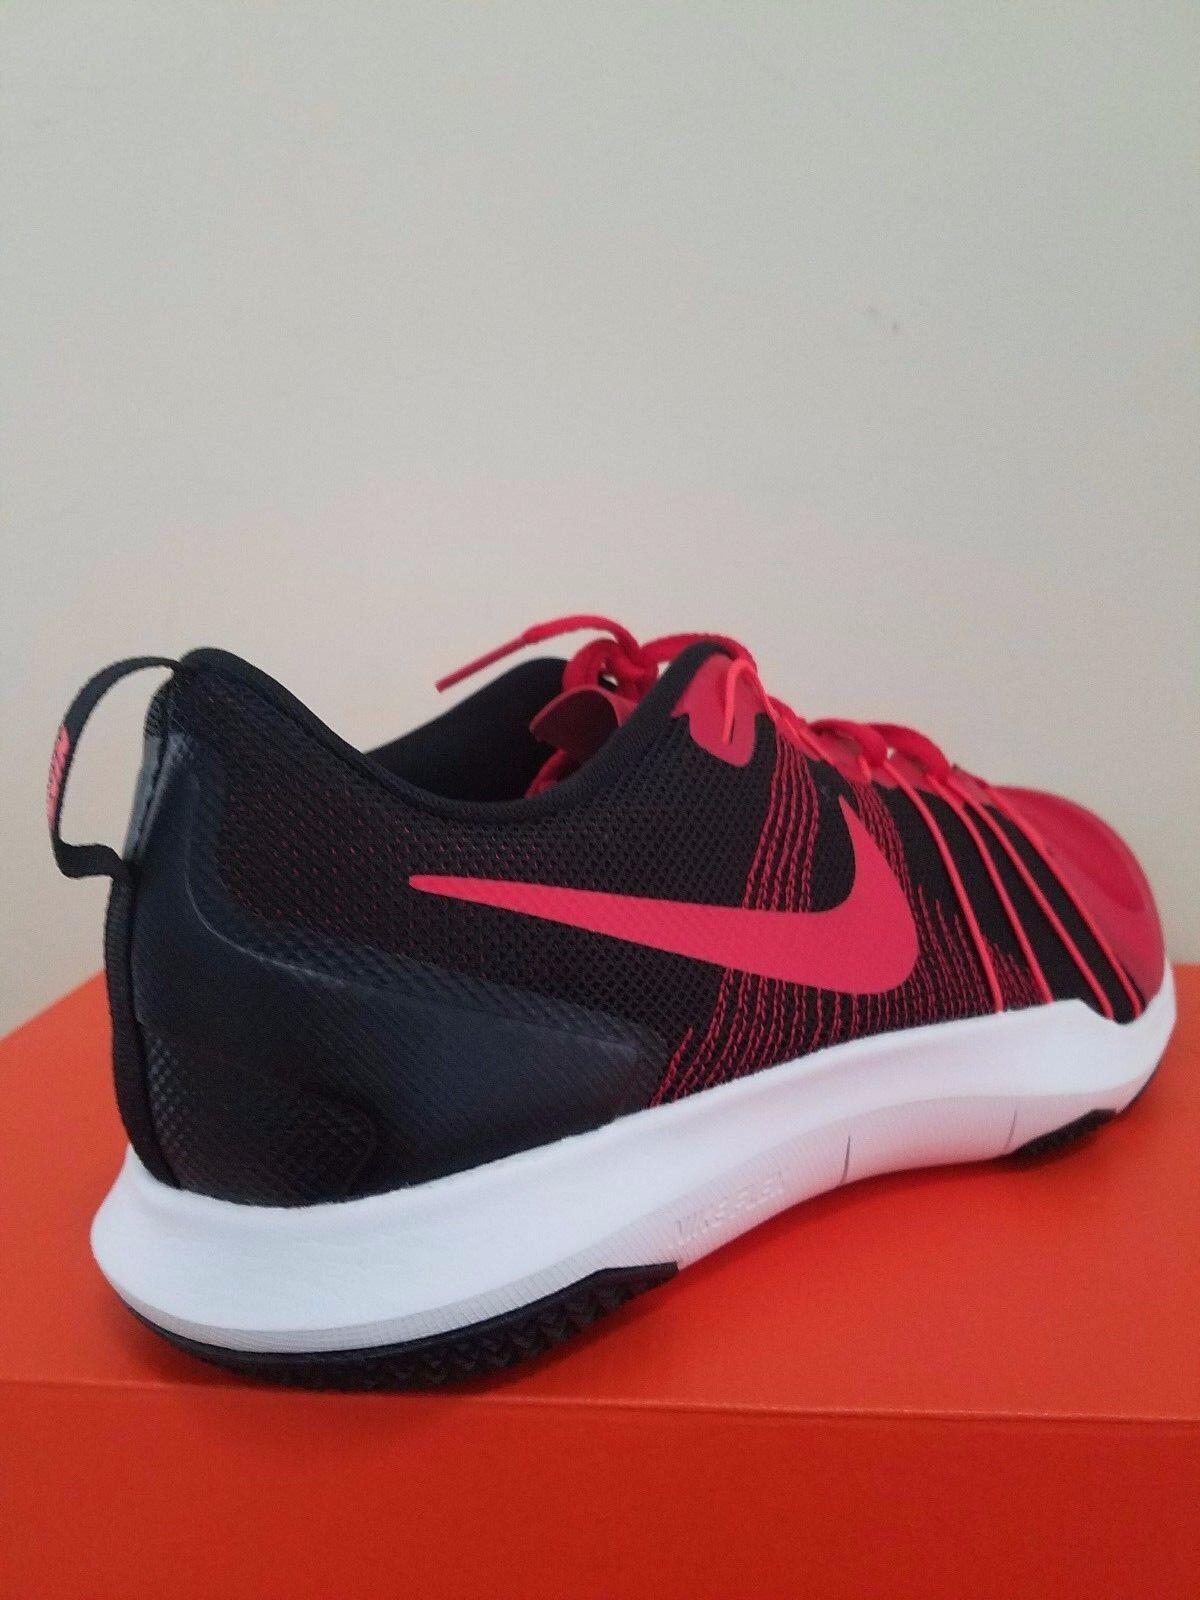 outlet store 5fd4e 4a51e ... Nike Uomo Nike Morbide Treno Aver Aver Aver Scarpe da Ginnastica Scarpe  Ginnastica Taglia 10.5 Nib ...